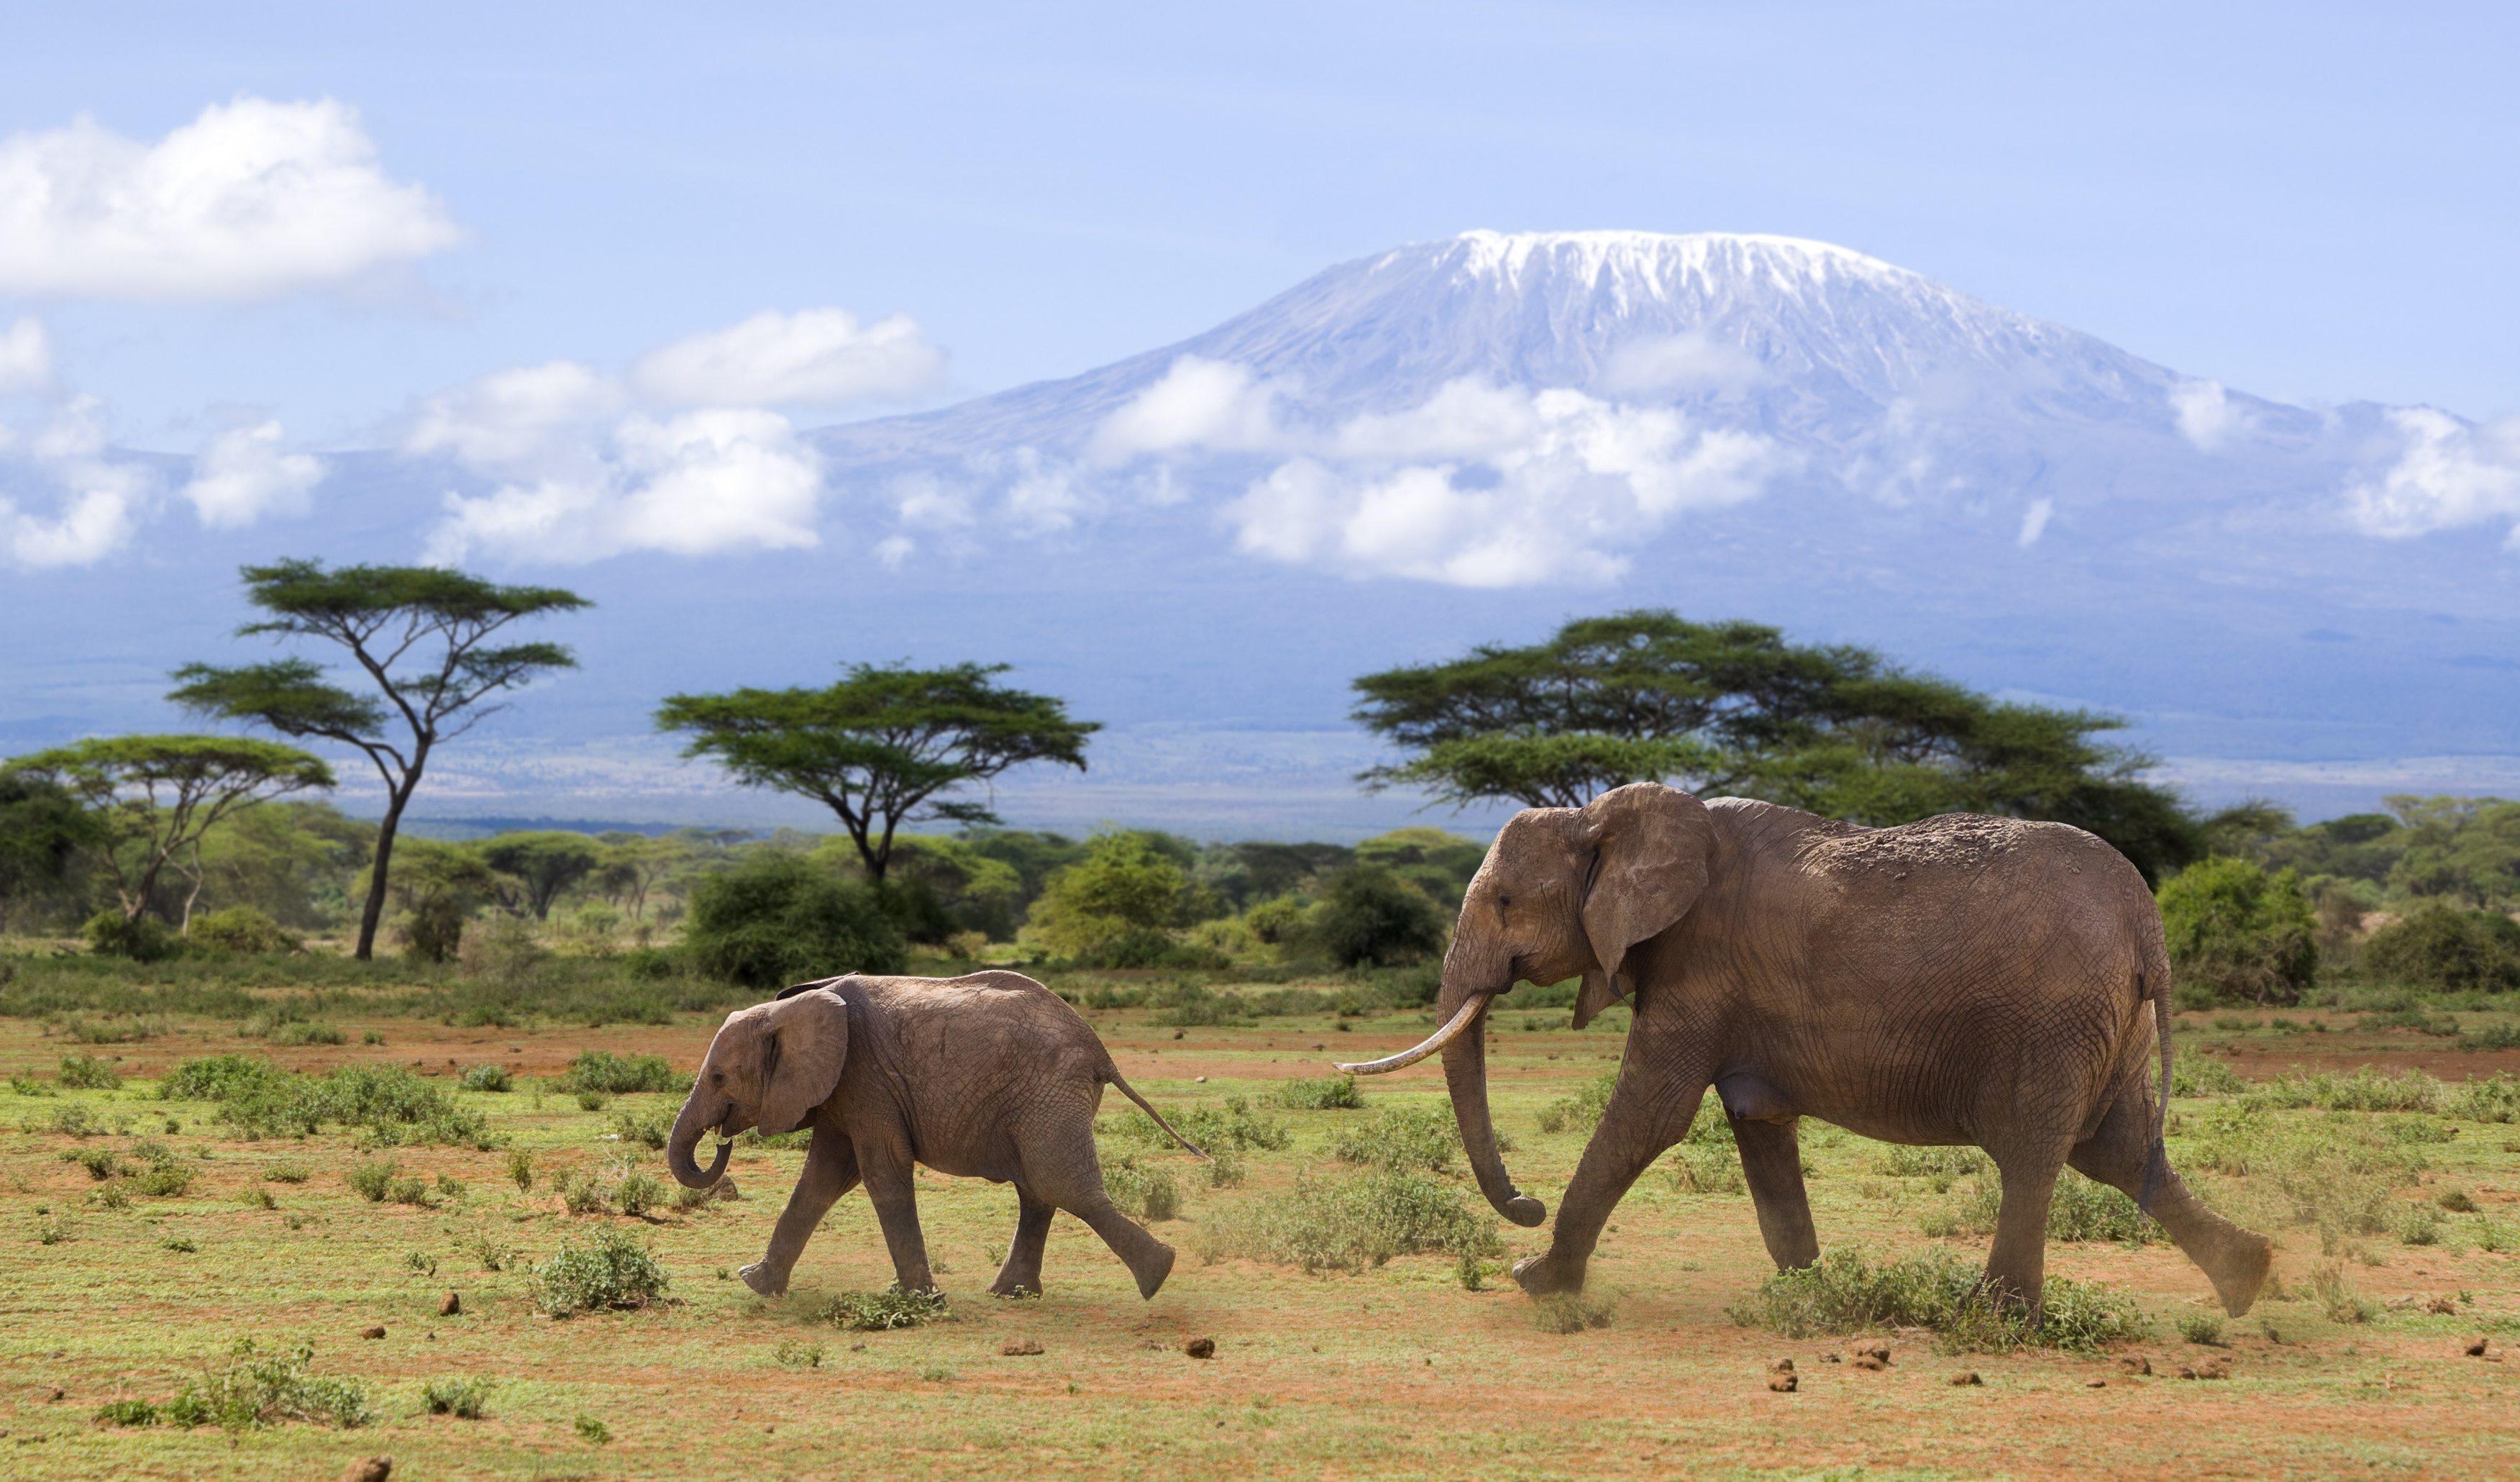 Kenia | reisinformatie en tips - 333travel